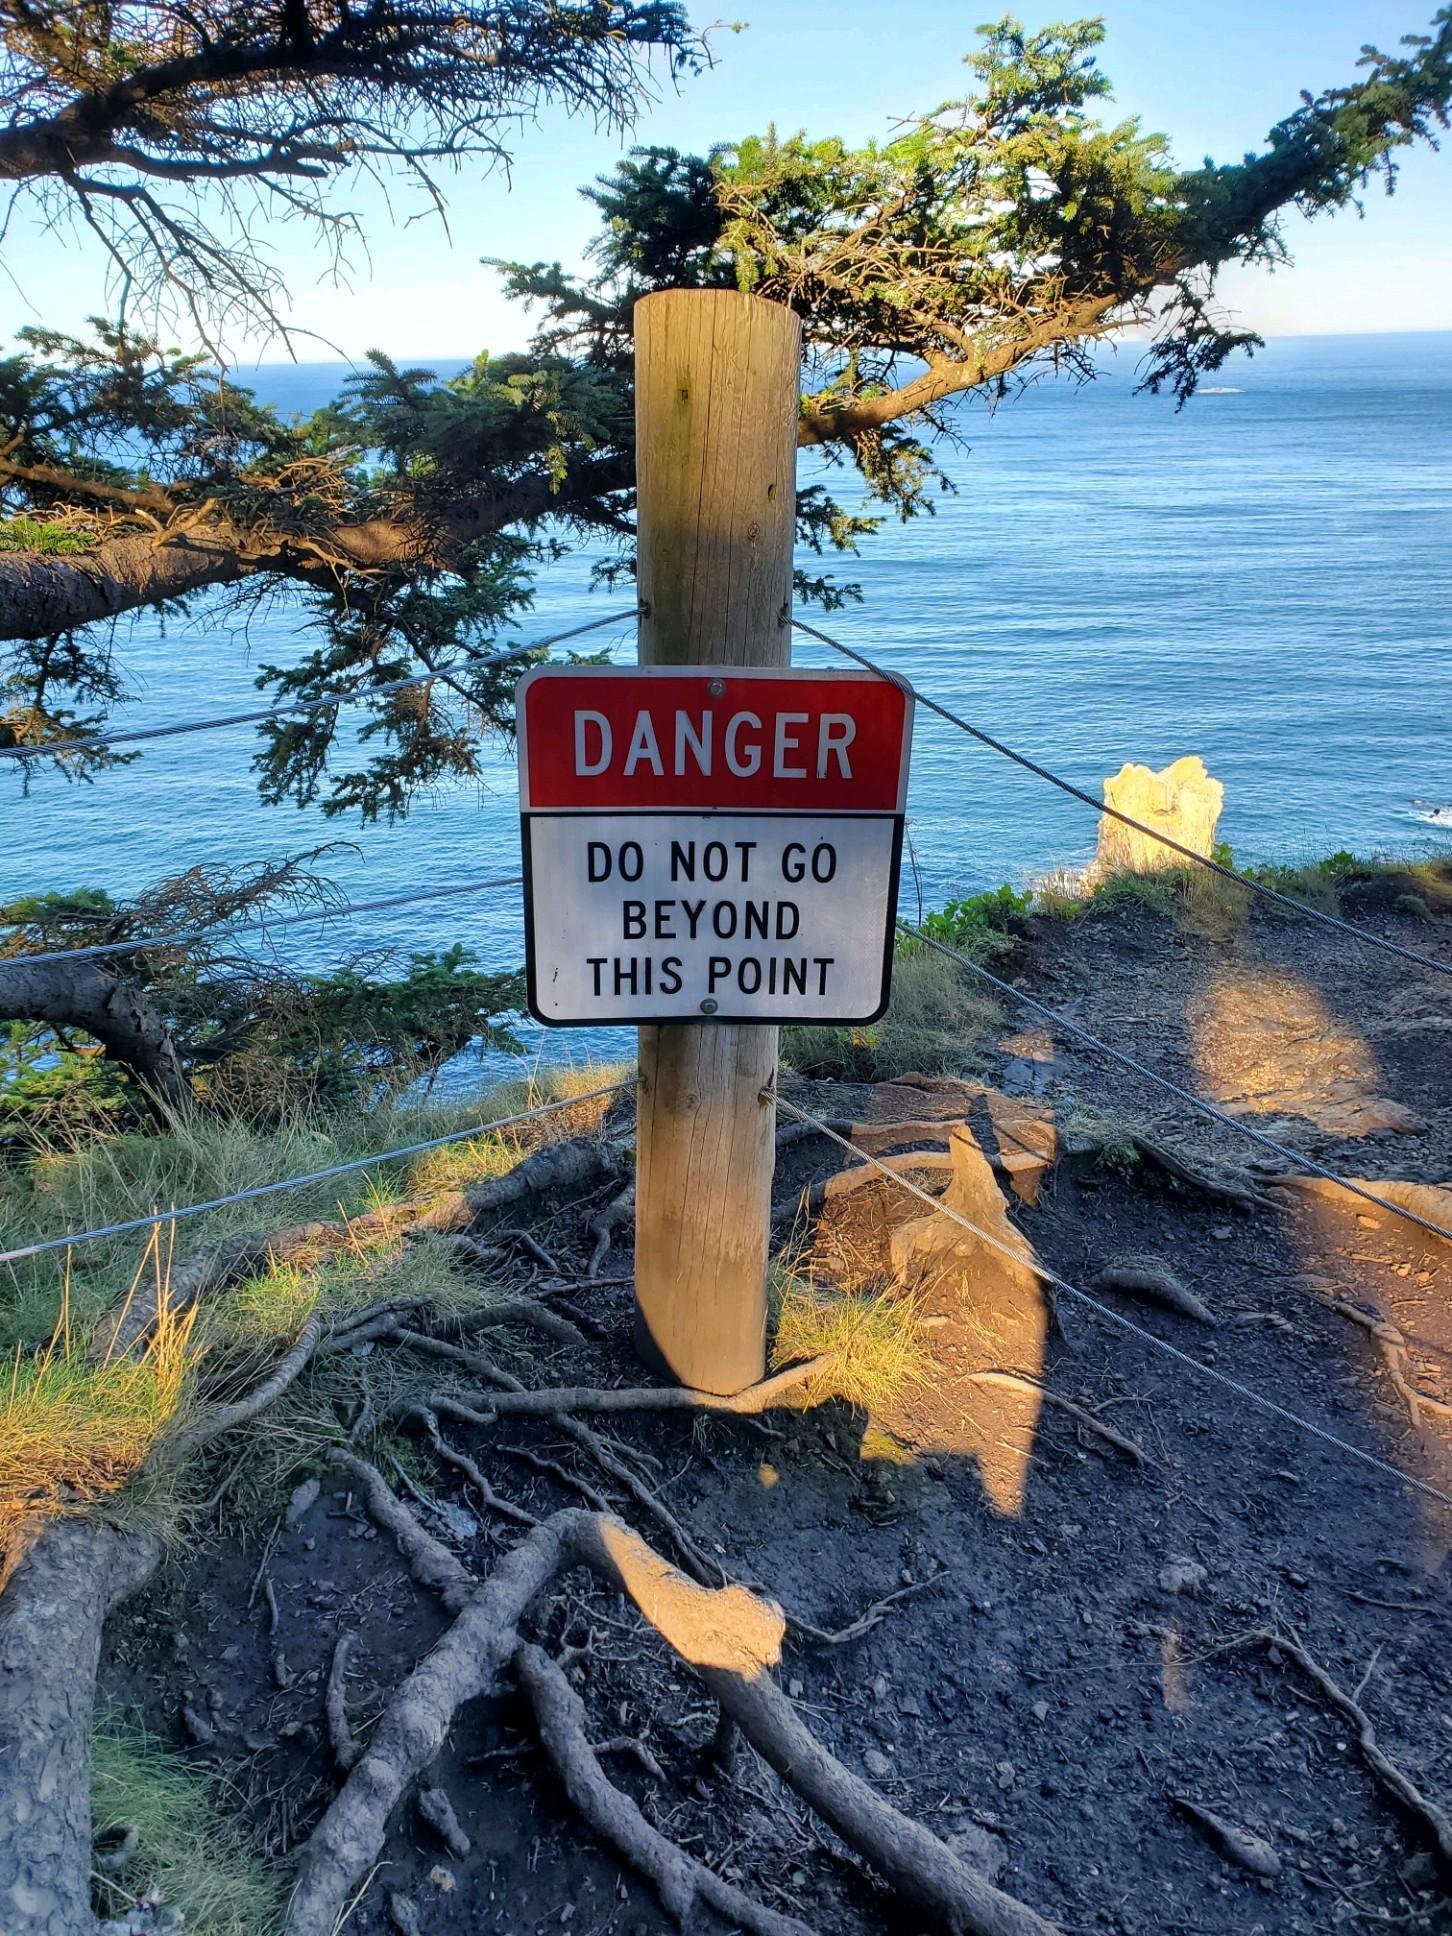 Hi hữu: Mải chụp ảnh tự sướng, người đàn ông rơi khỏi vách đá